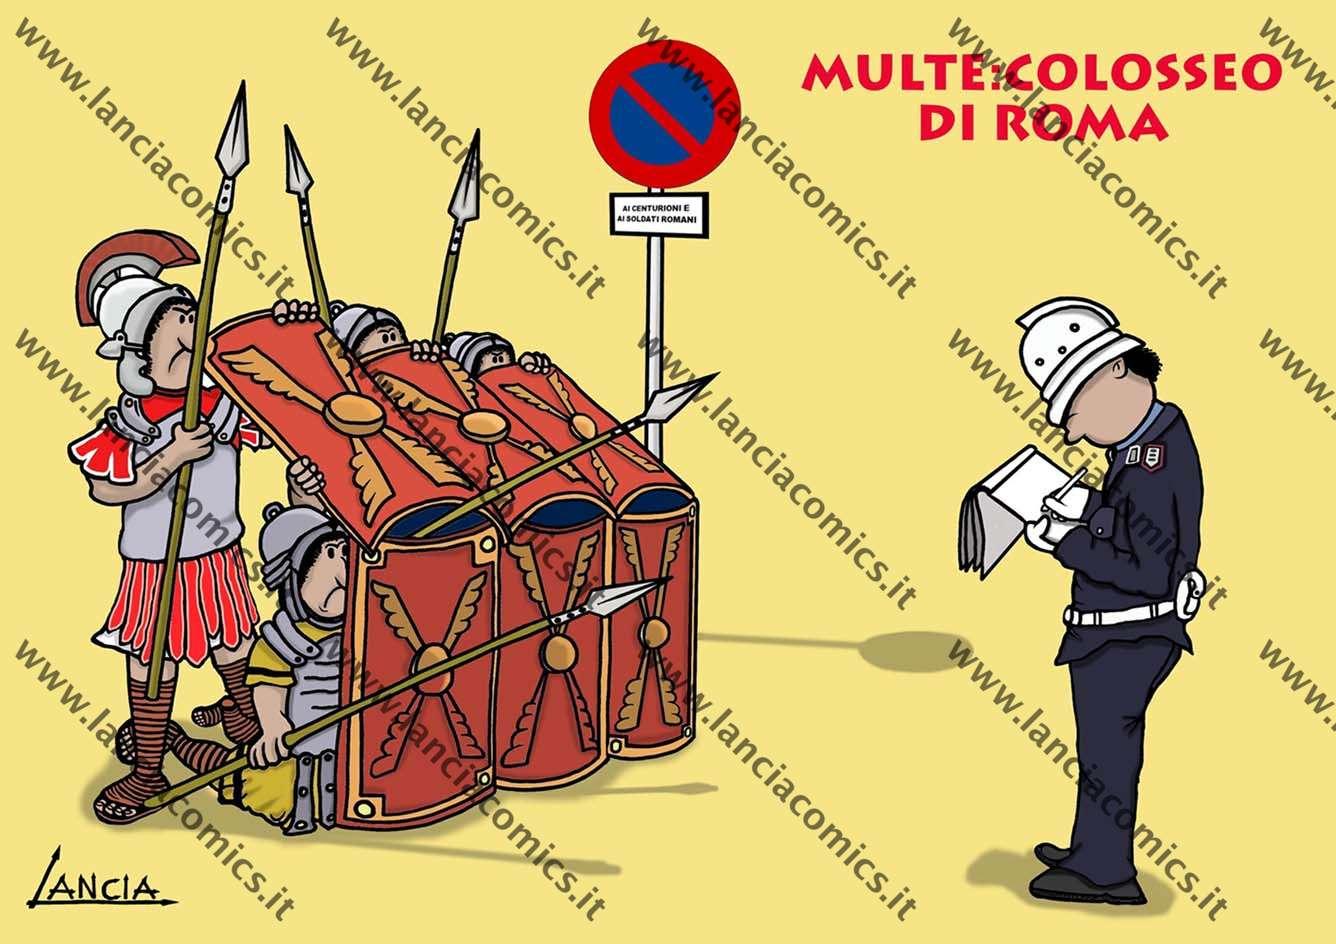 Multe al Colosseo